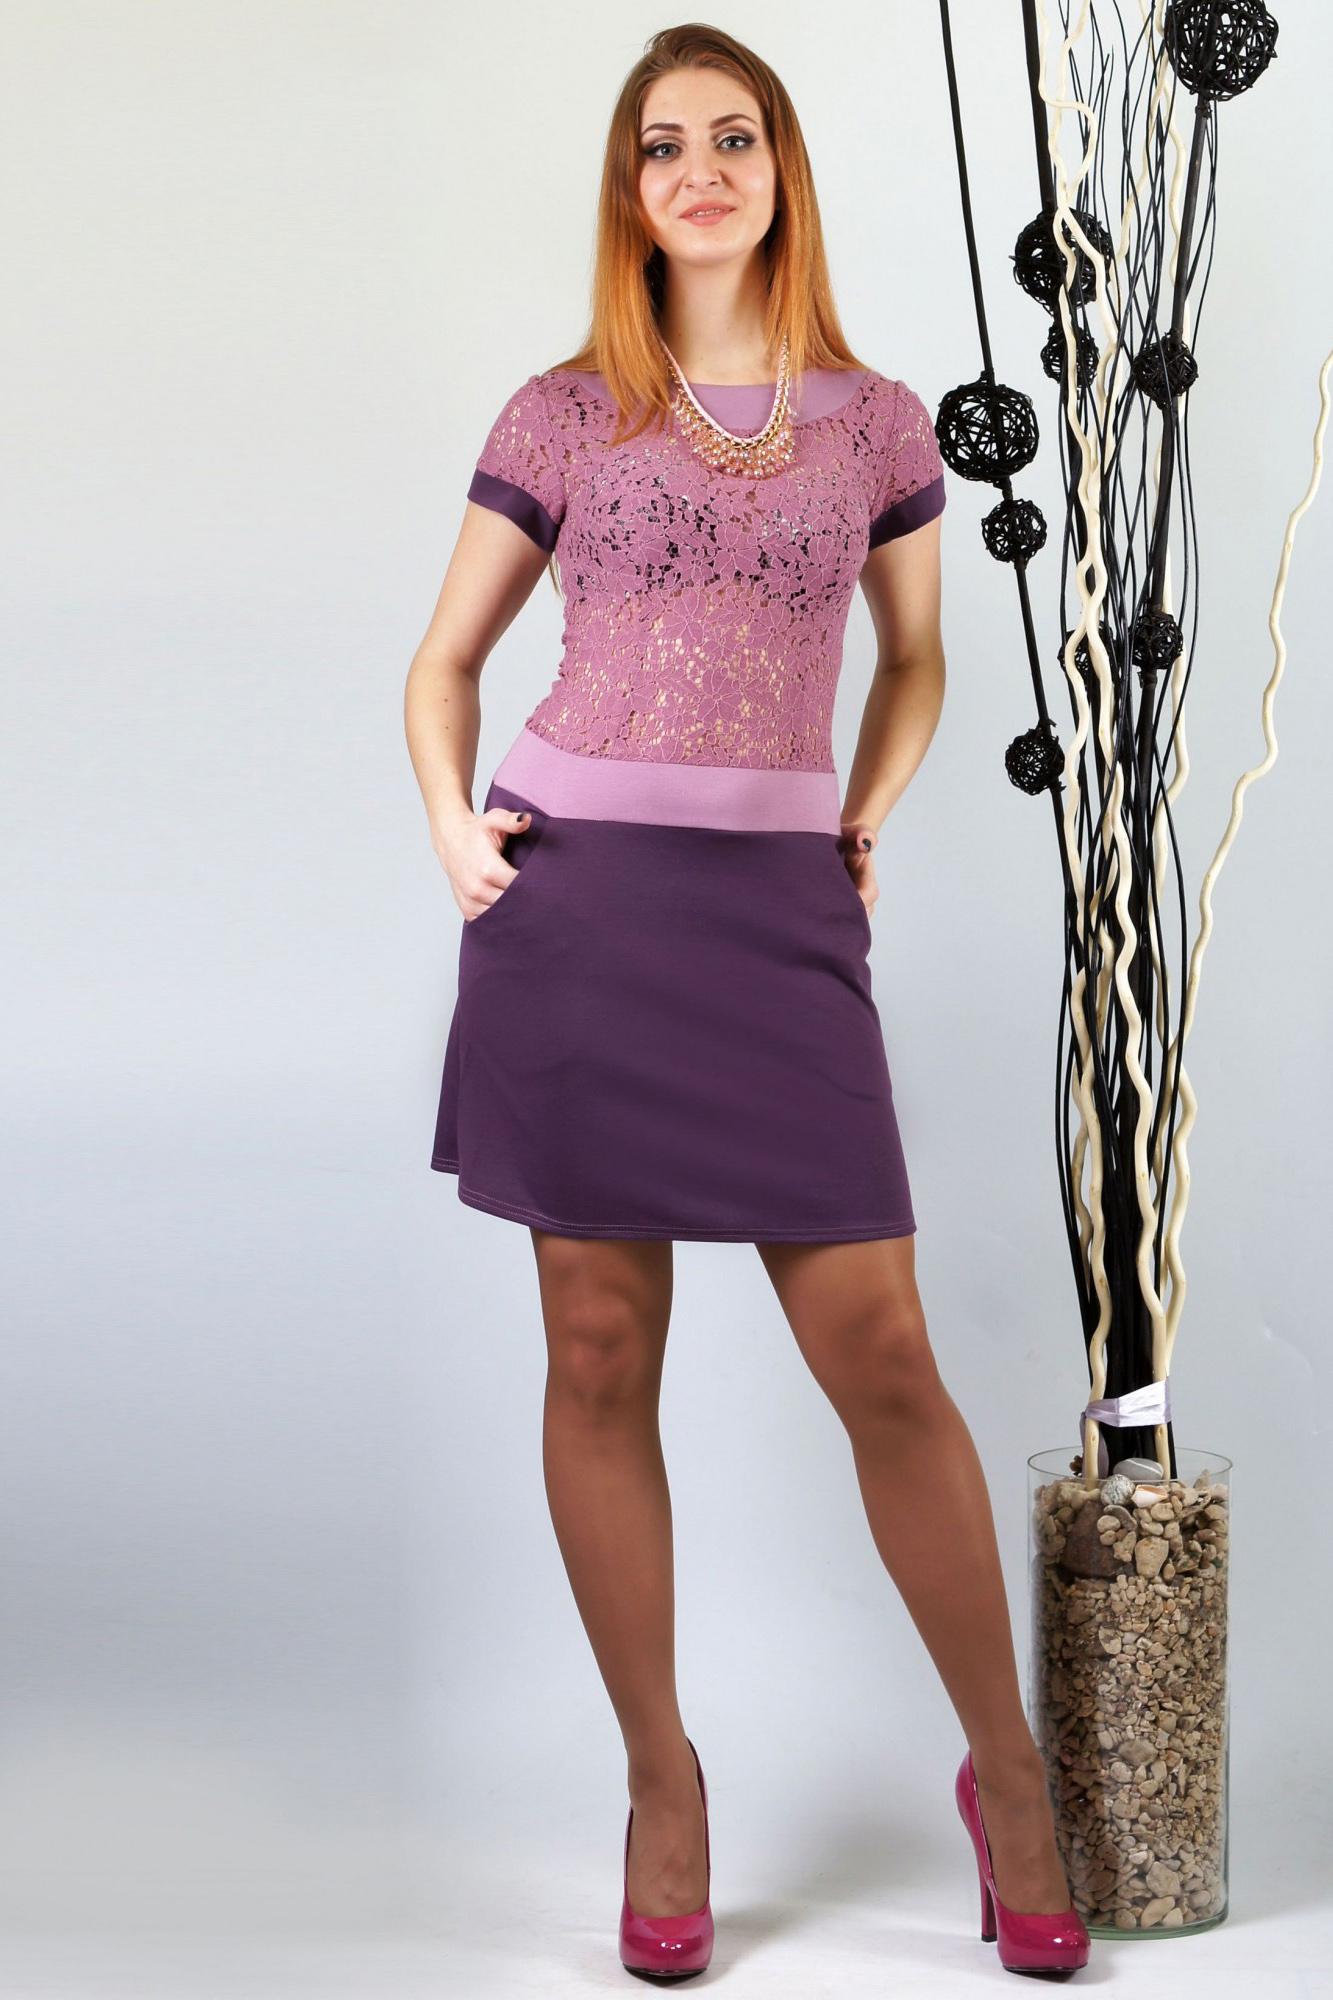 ПлатьеПлатья<br>Спортивный силуэт подчеркивает контрастная отделка, укороченная длина и карманы. Верх изделия выполнен из хлопкового гипюра, который эффектно подчеркивает грудь.  Длина 88 см.  Цвет: фиолетовый, сиреневый  Ростовка изделия 170 см.<br><br>Горловина: С- горловина<br>По длине: До колена<br>По материалу: Вискоза,Гипюр<br>По рисунку: Цветные<br>По сезону: Весна,Зима,Лето,Осень,Всесезон<br>По силуэту: Полуприталенные<br>По стилю: Нарядный стиль<br>По форме: Платье - футляр<br>Рукав: Короткий рукав<br>По образу: Свидание<br>По элементам: С карманами<br>Размер : 44,46,50,52<br>Материал: Джерси + Гипюр<br>Количество в наличии: 6